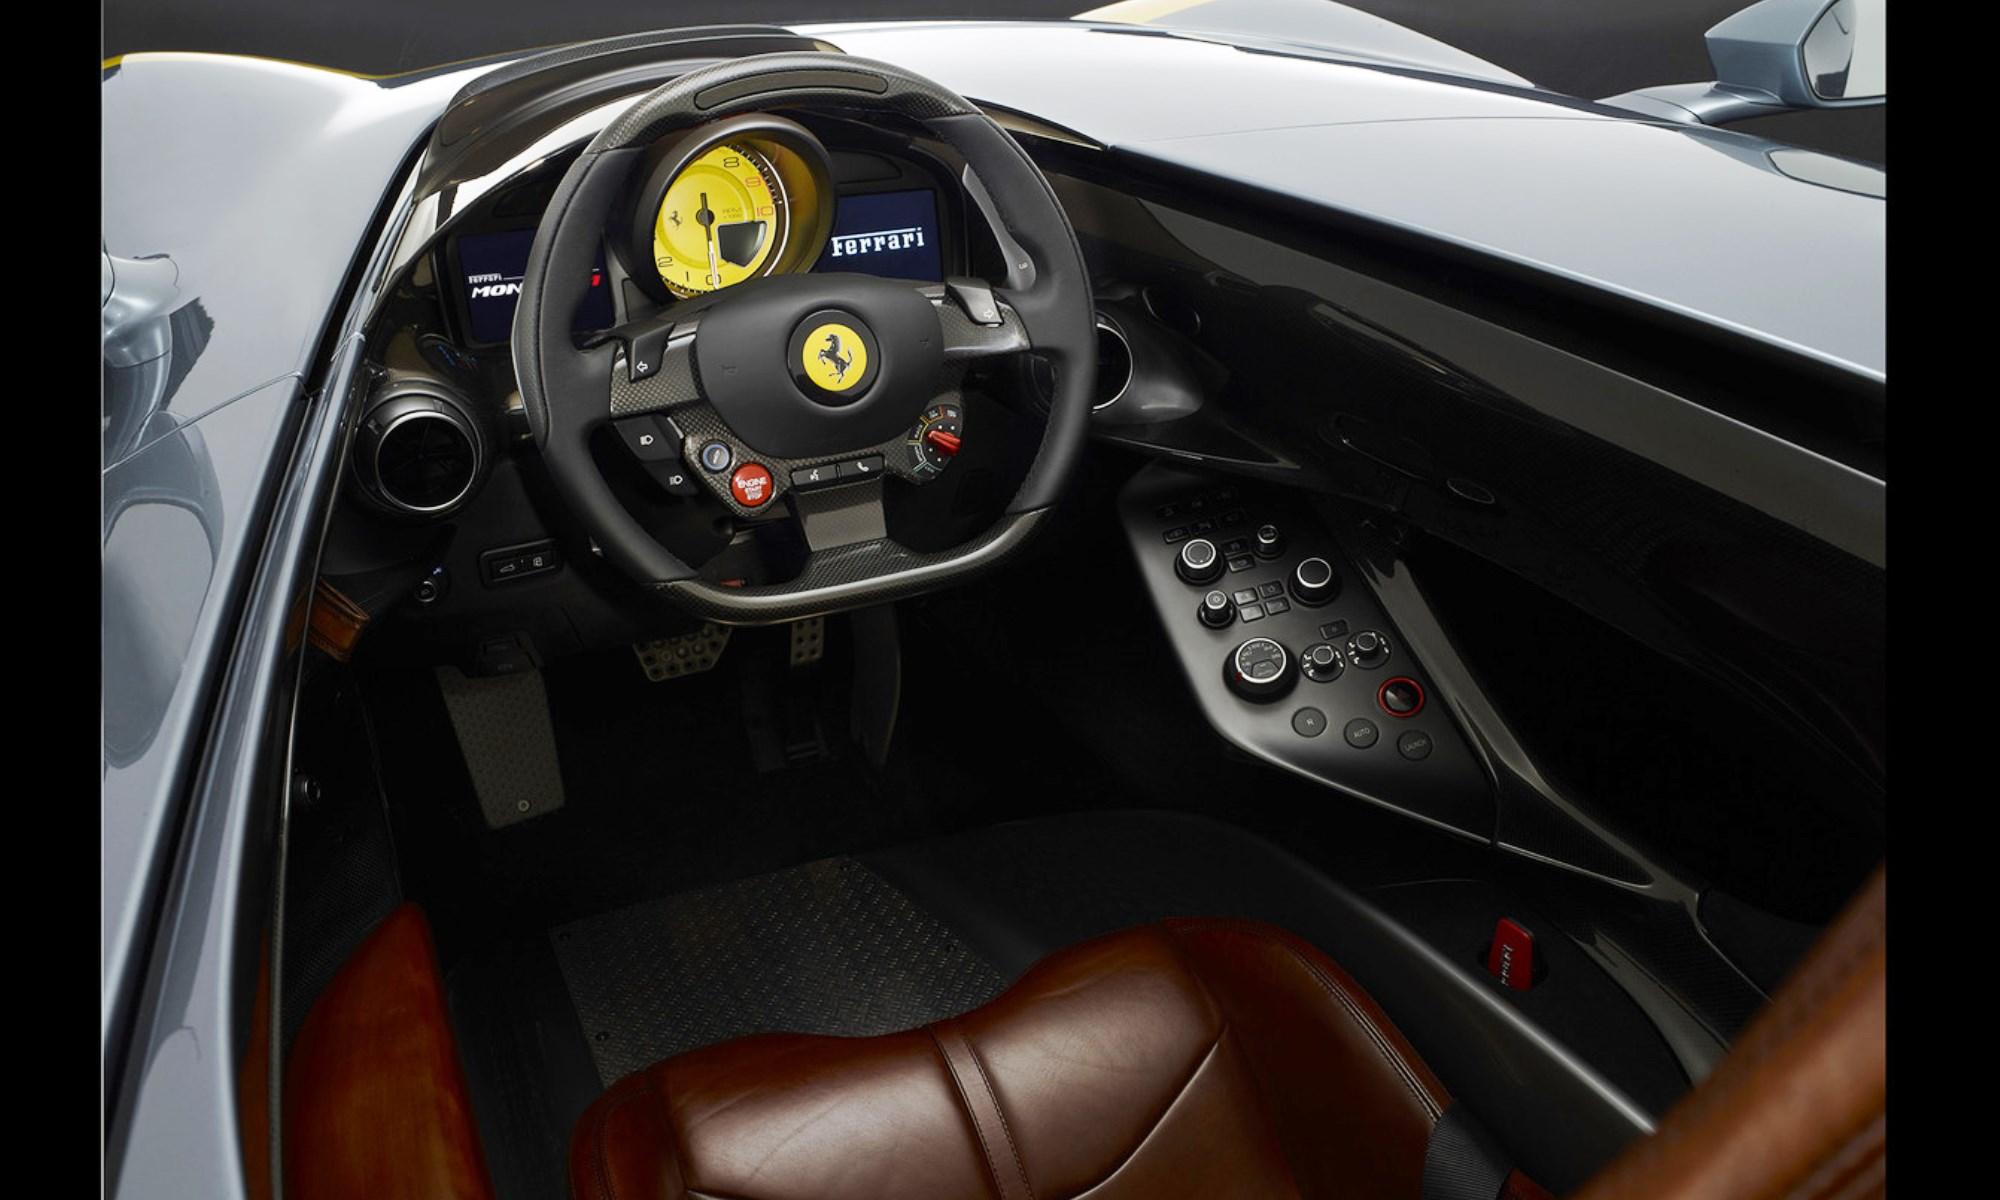 Ferrari Monza SP1 interior